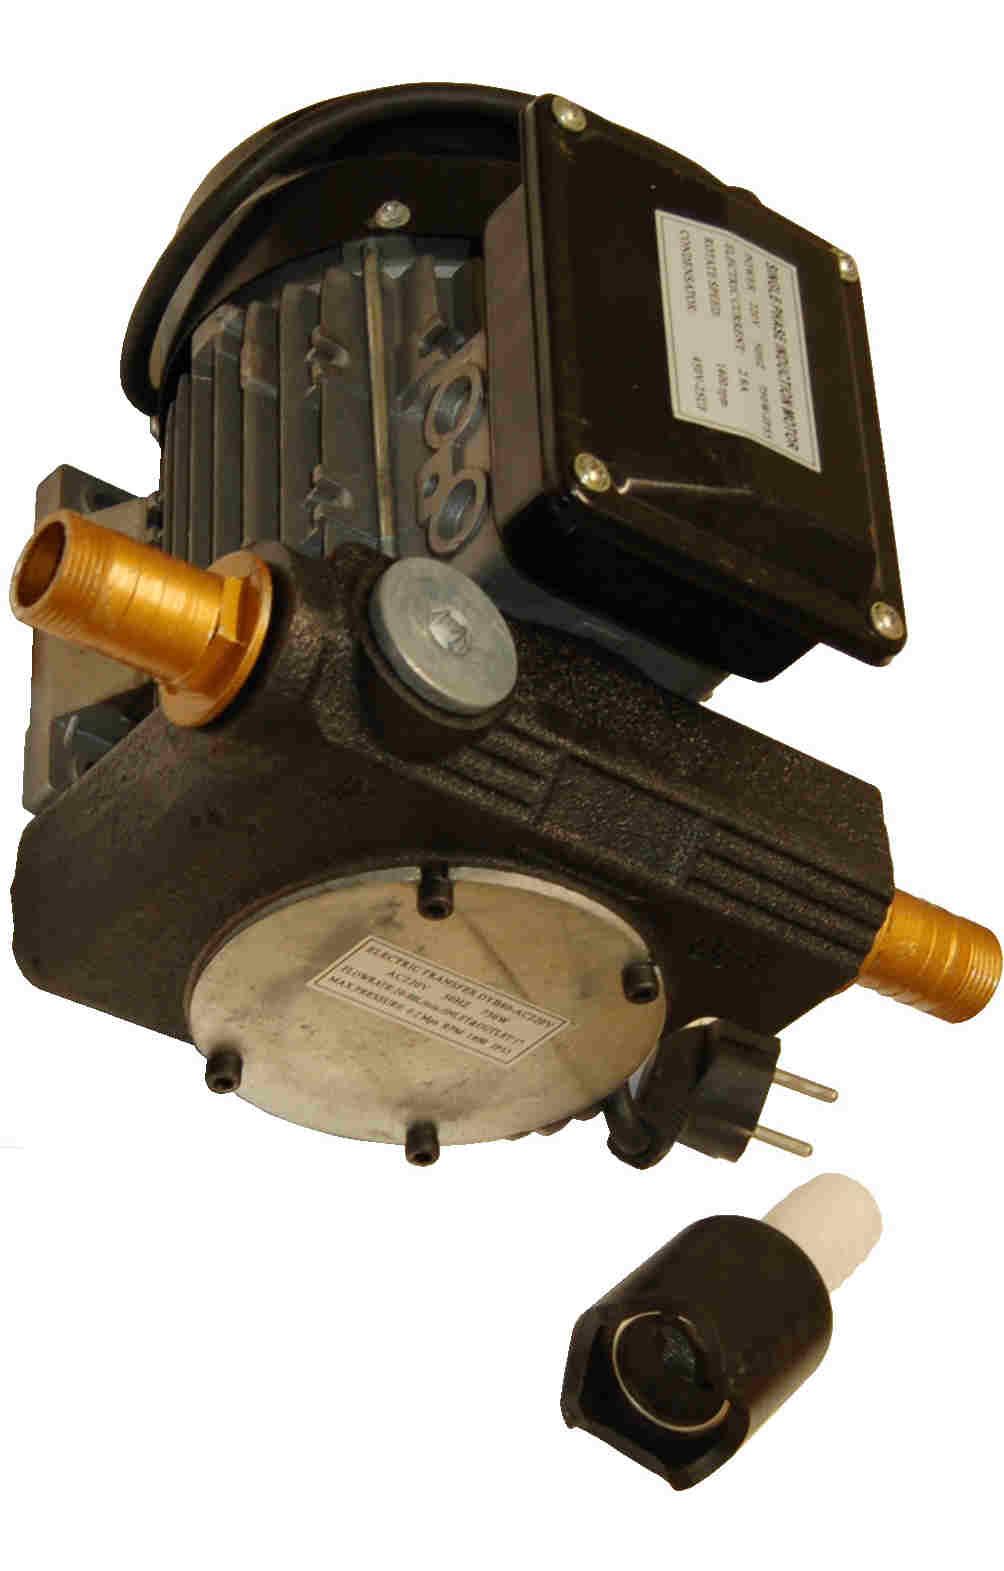 pompe de transfert gasoil 12v 60l min graissage lubrification pompe gasoil. Black Bedroom Furniture Sets. Home Design Ideas